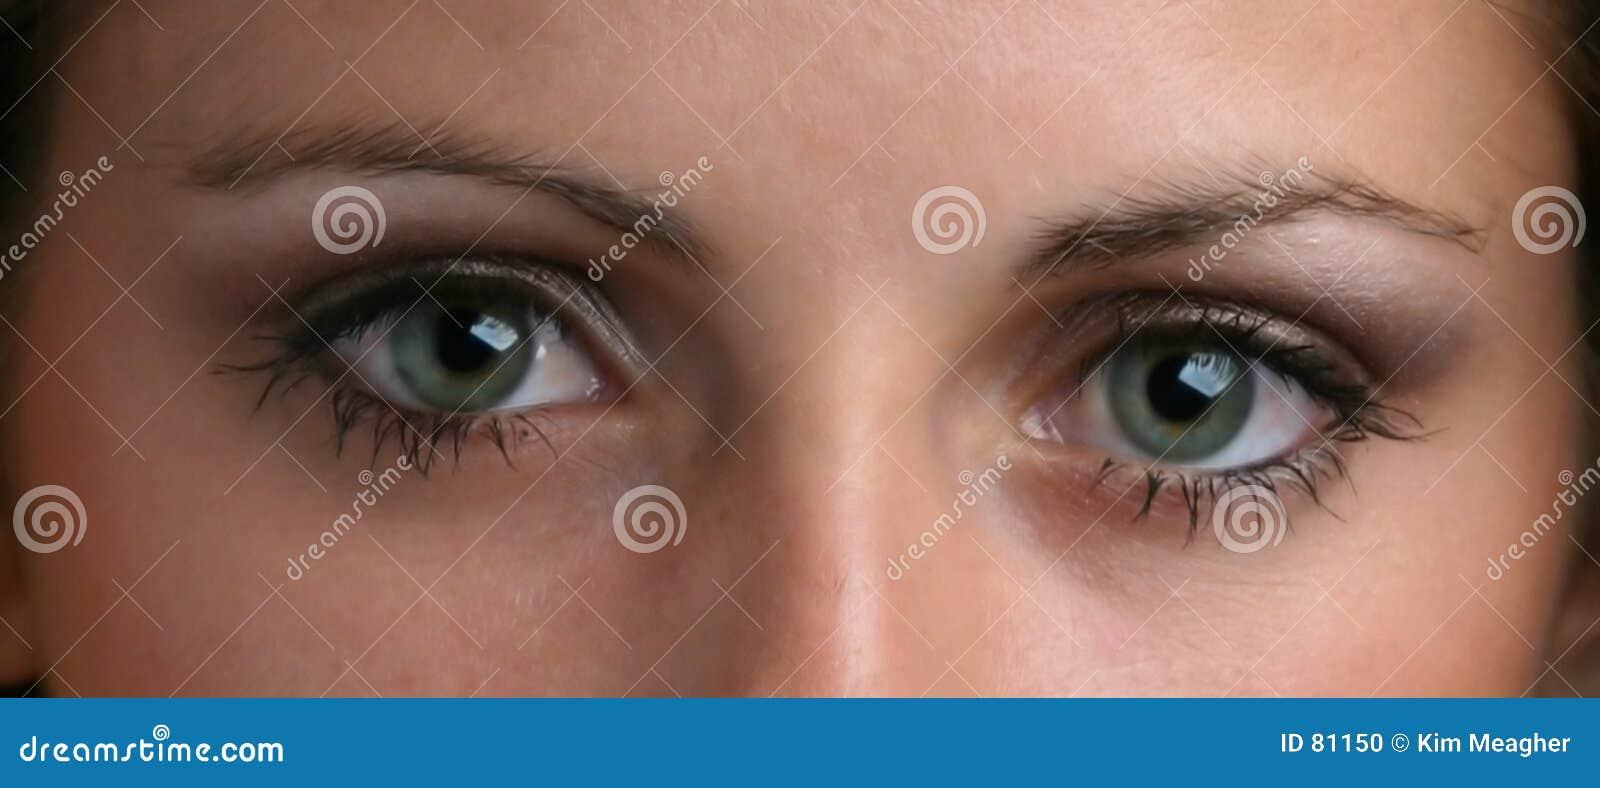 Szpiegowanie oczu